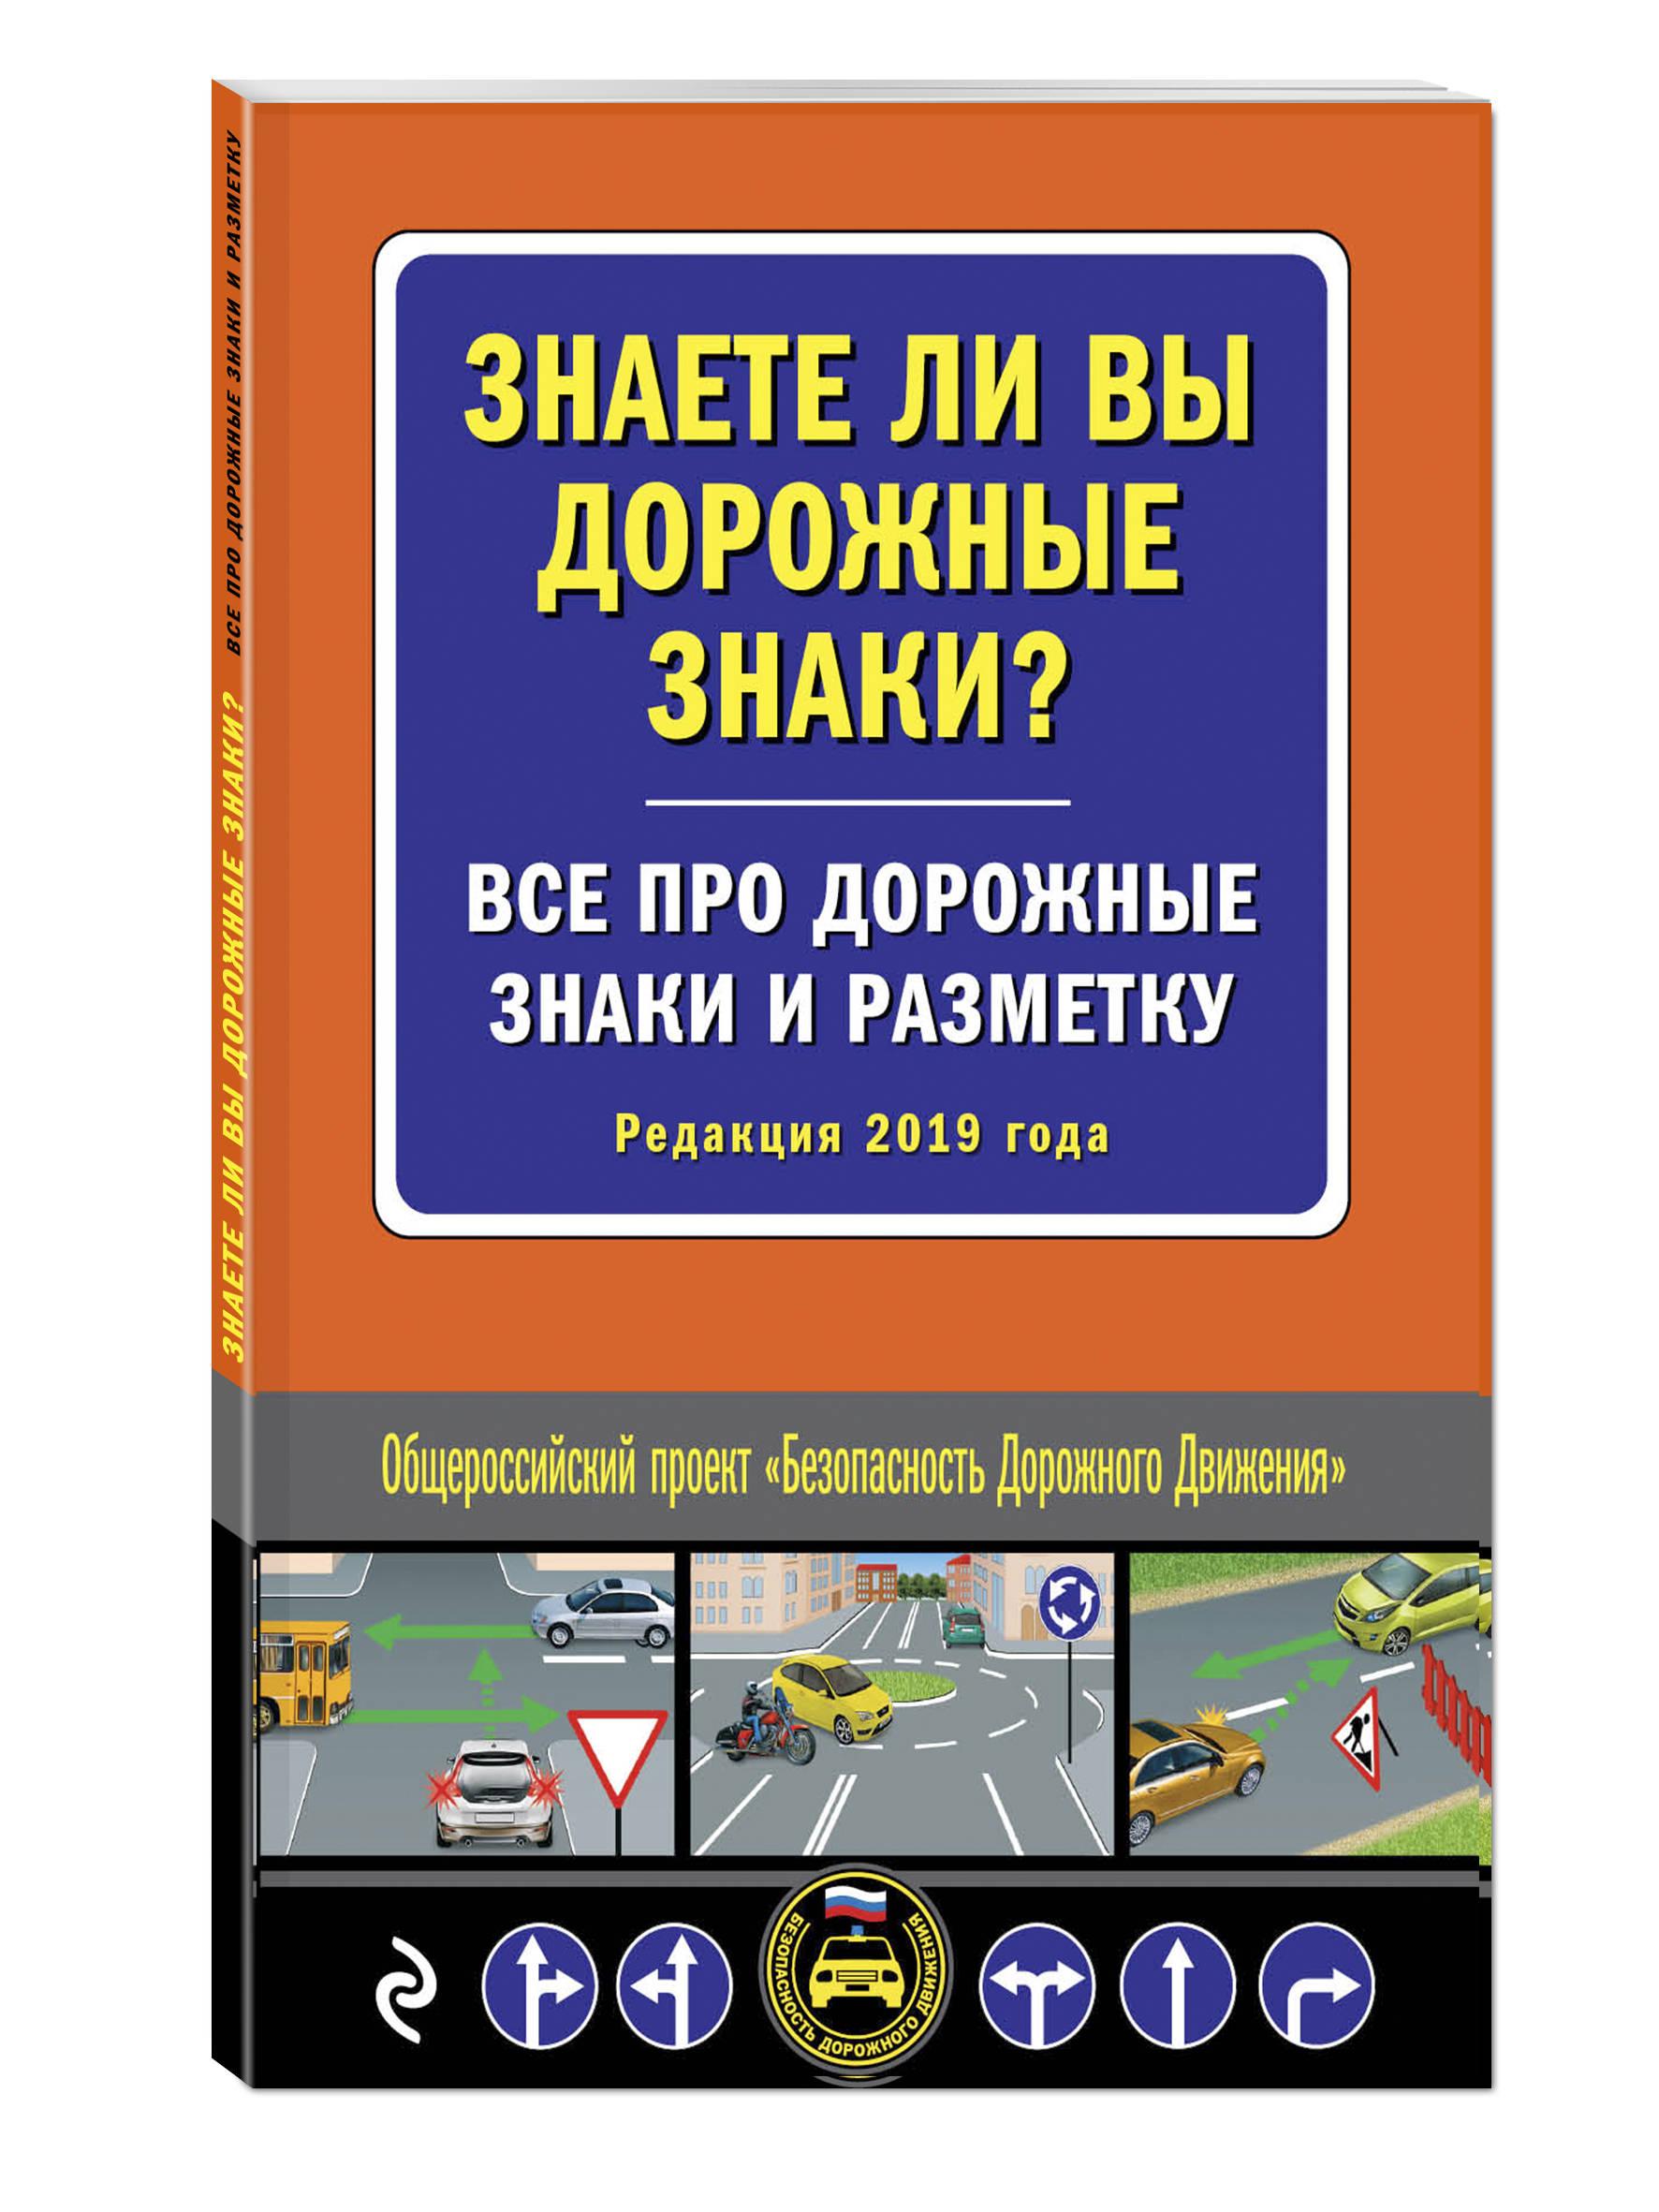 Знаете ли вы дорожные знаки? Все про дорожные знаки и разметку (Редакция 2019 г.) г п шалаева мои друзья – дорожные знаки